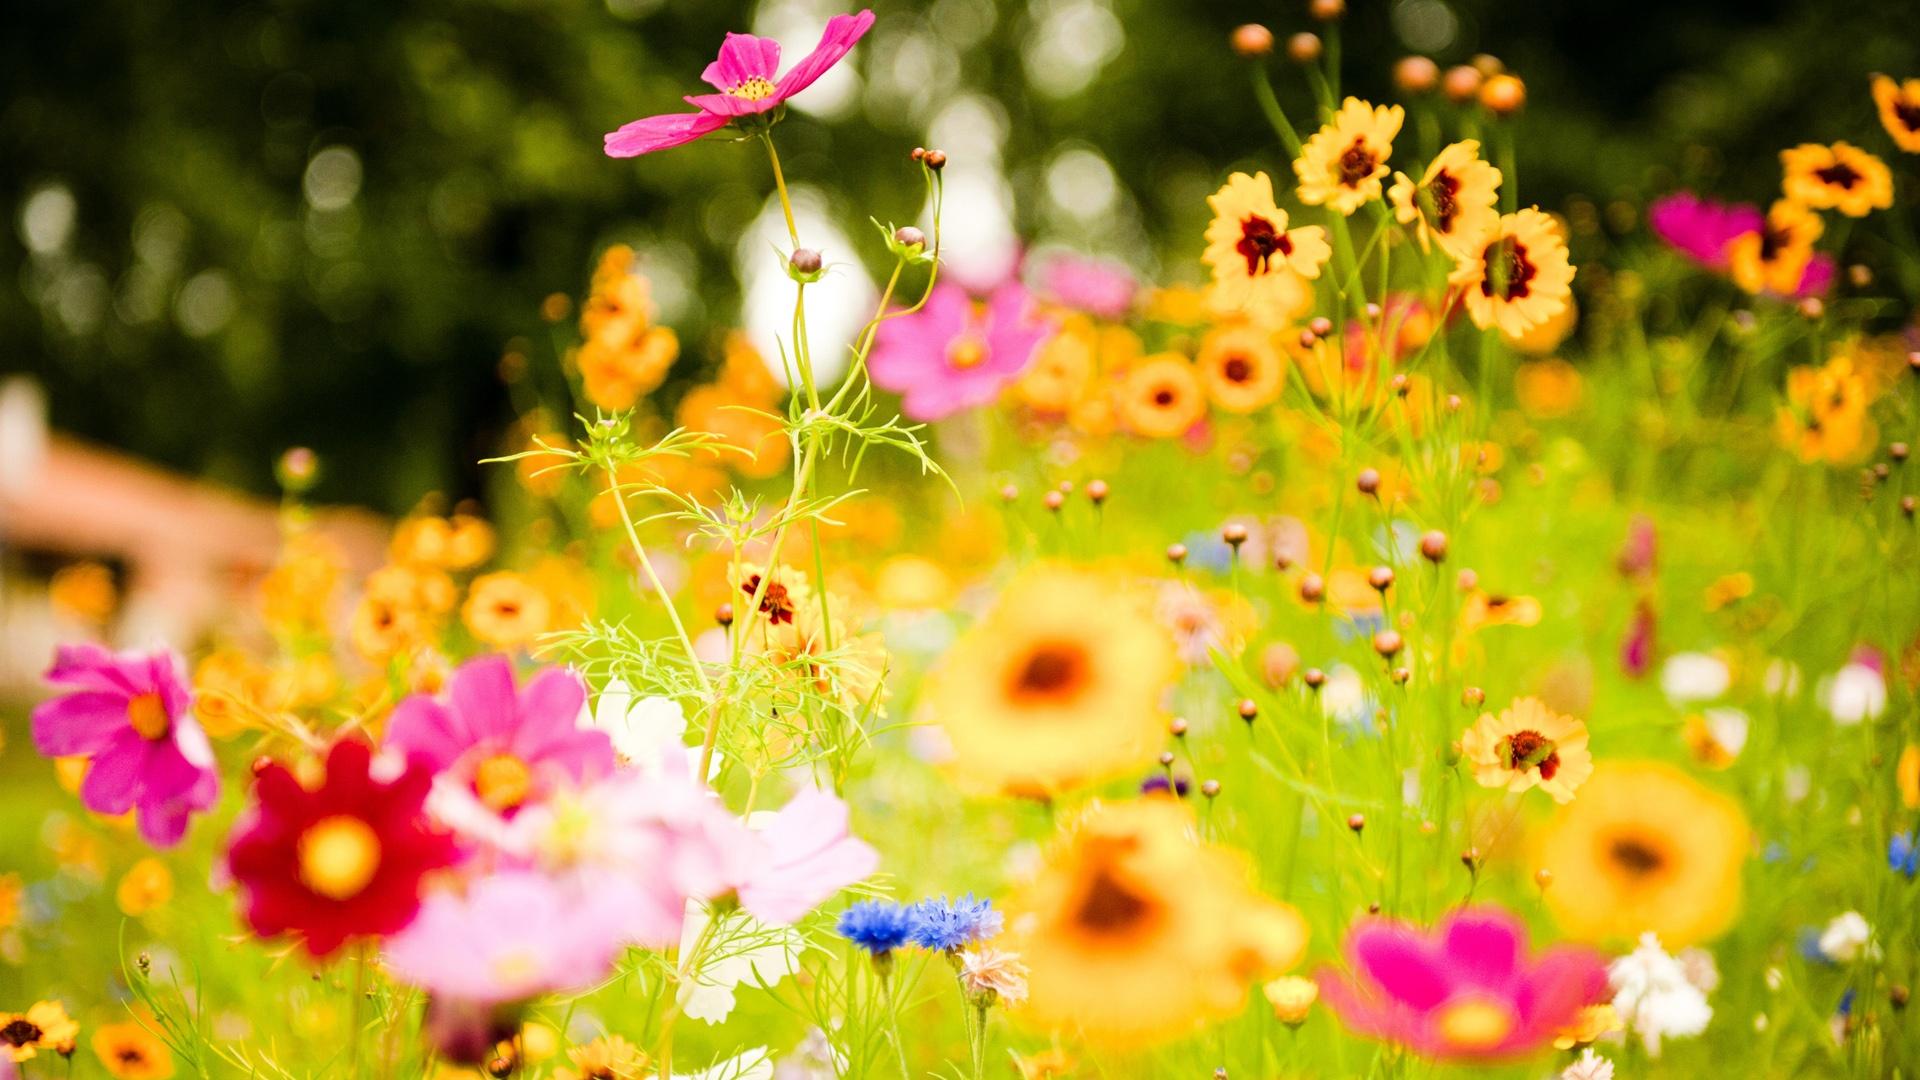 صوره اجمل ورود العالم , صور لجمال و طبيعه الورد